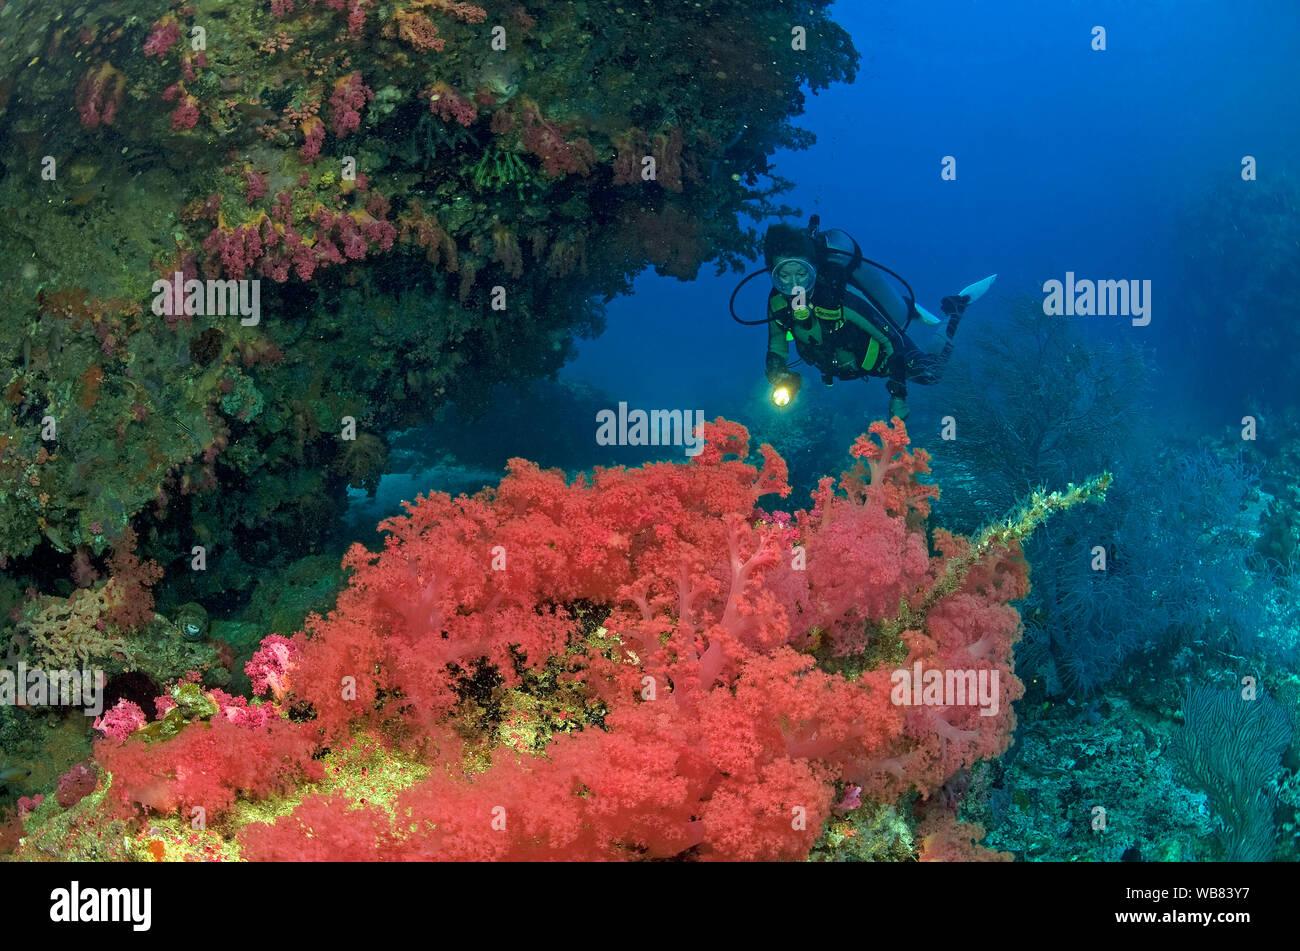 Buceo en un arrecife de coral con corales blandos (Nephtheidae rojo), Malapascua, Cebu, Filipinas Foto de stock